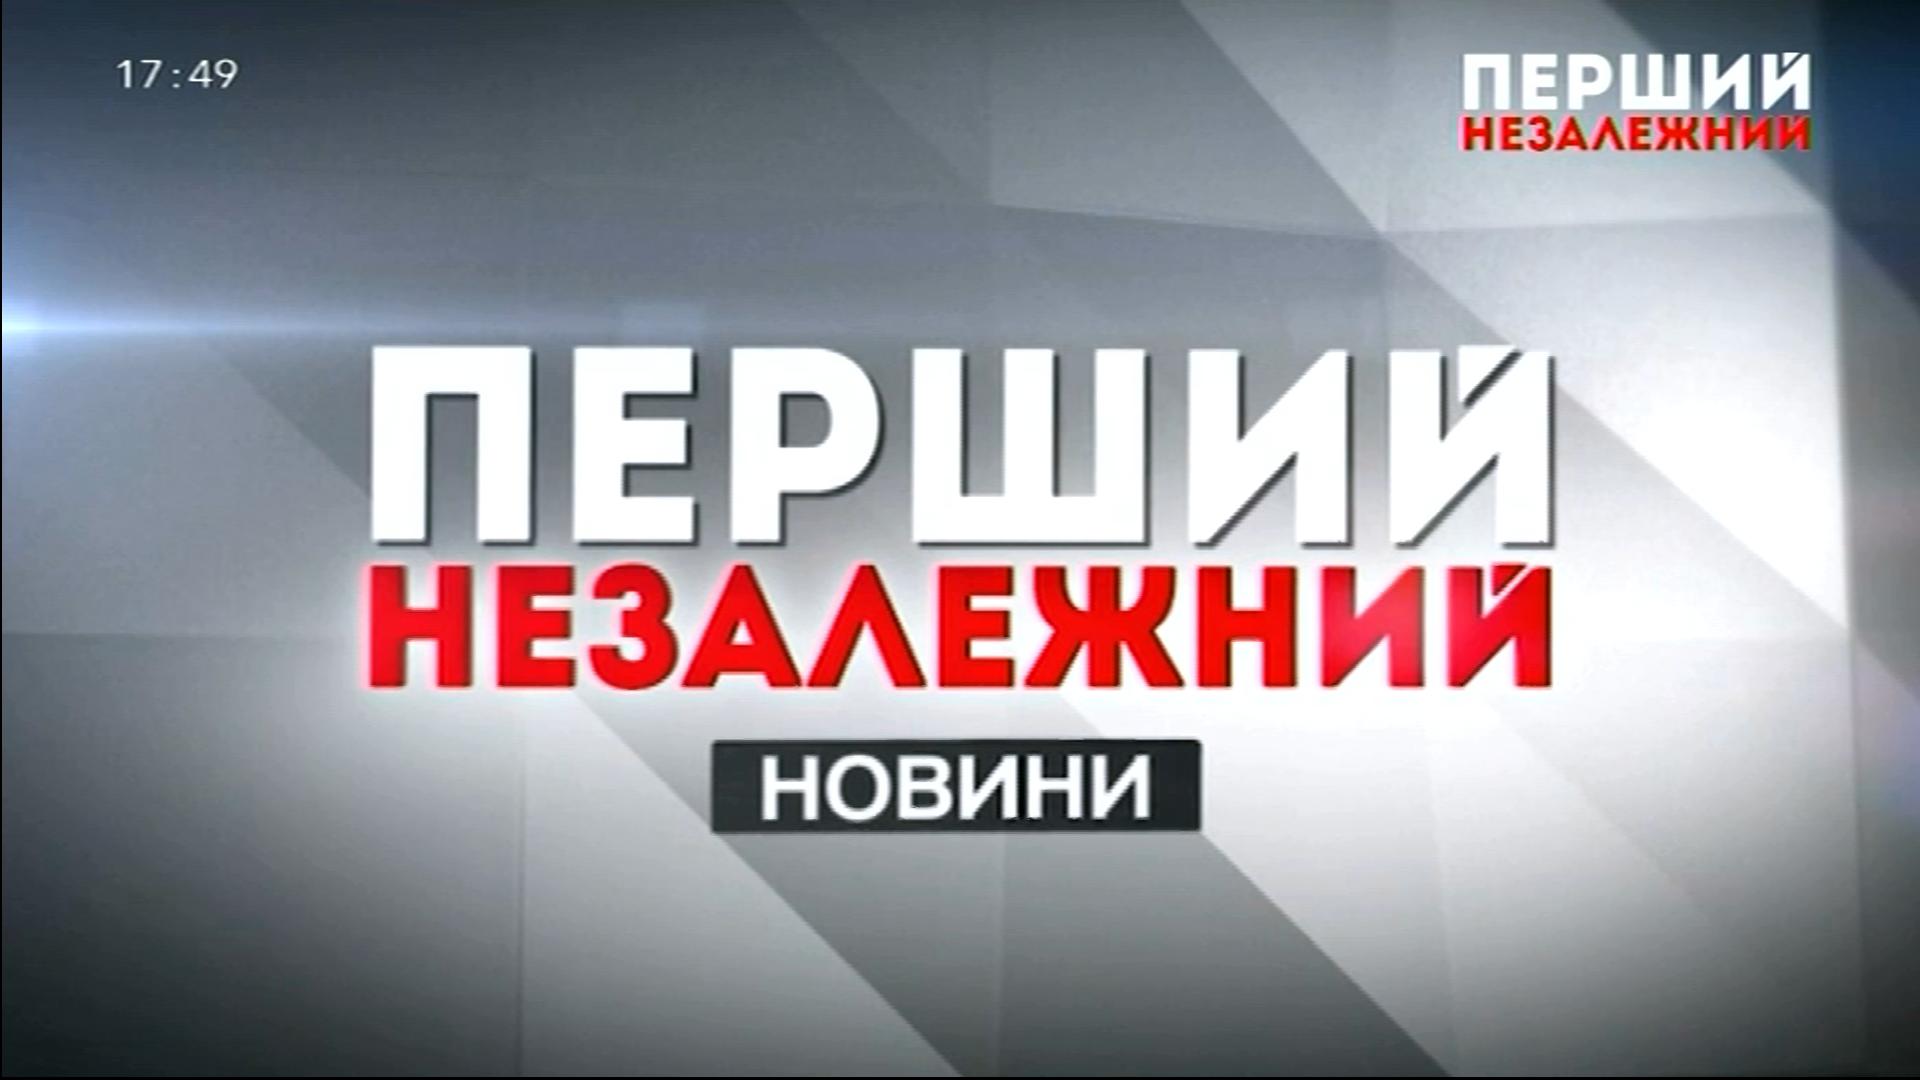 Пропрацював всього годину: новий канал Медведчука відключили від супутника і кабельних мереж. ВІДЕО